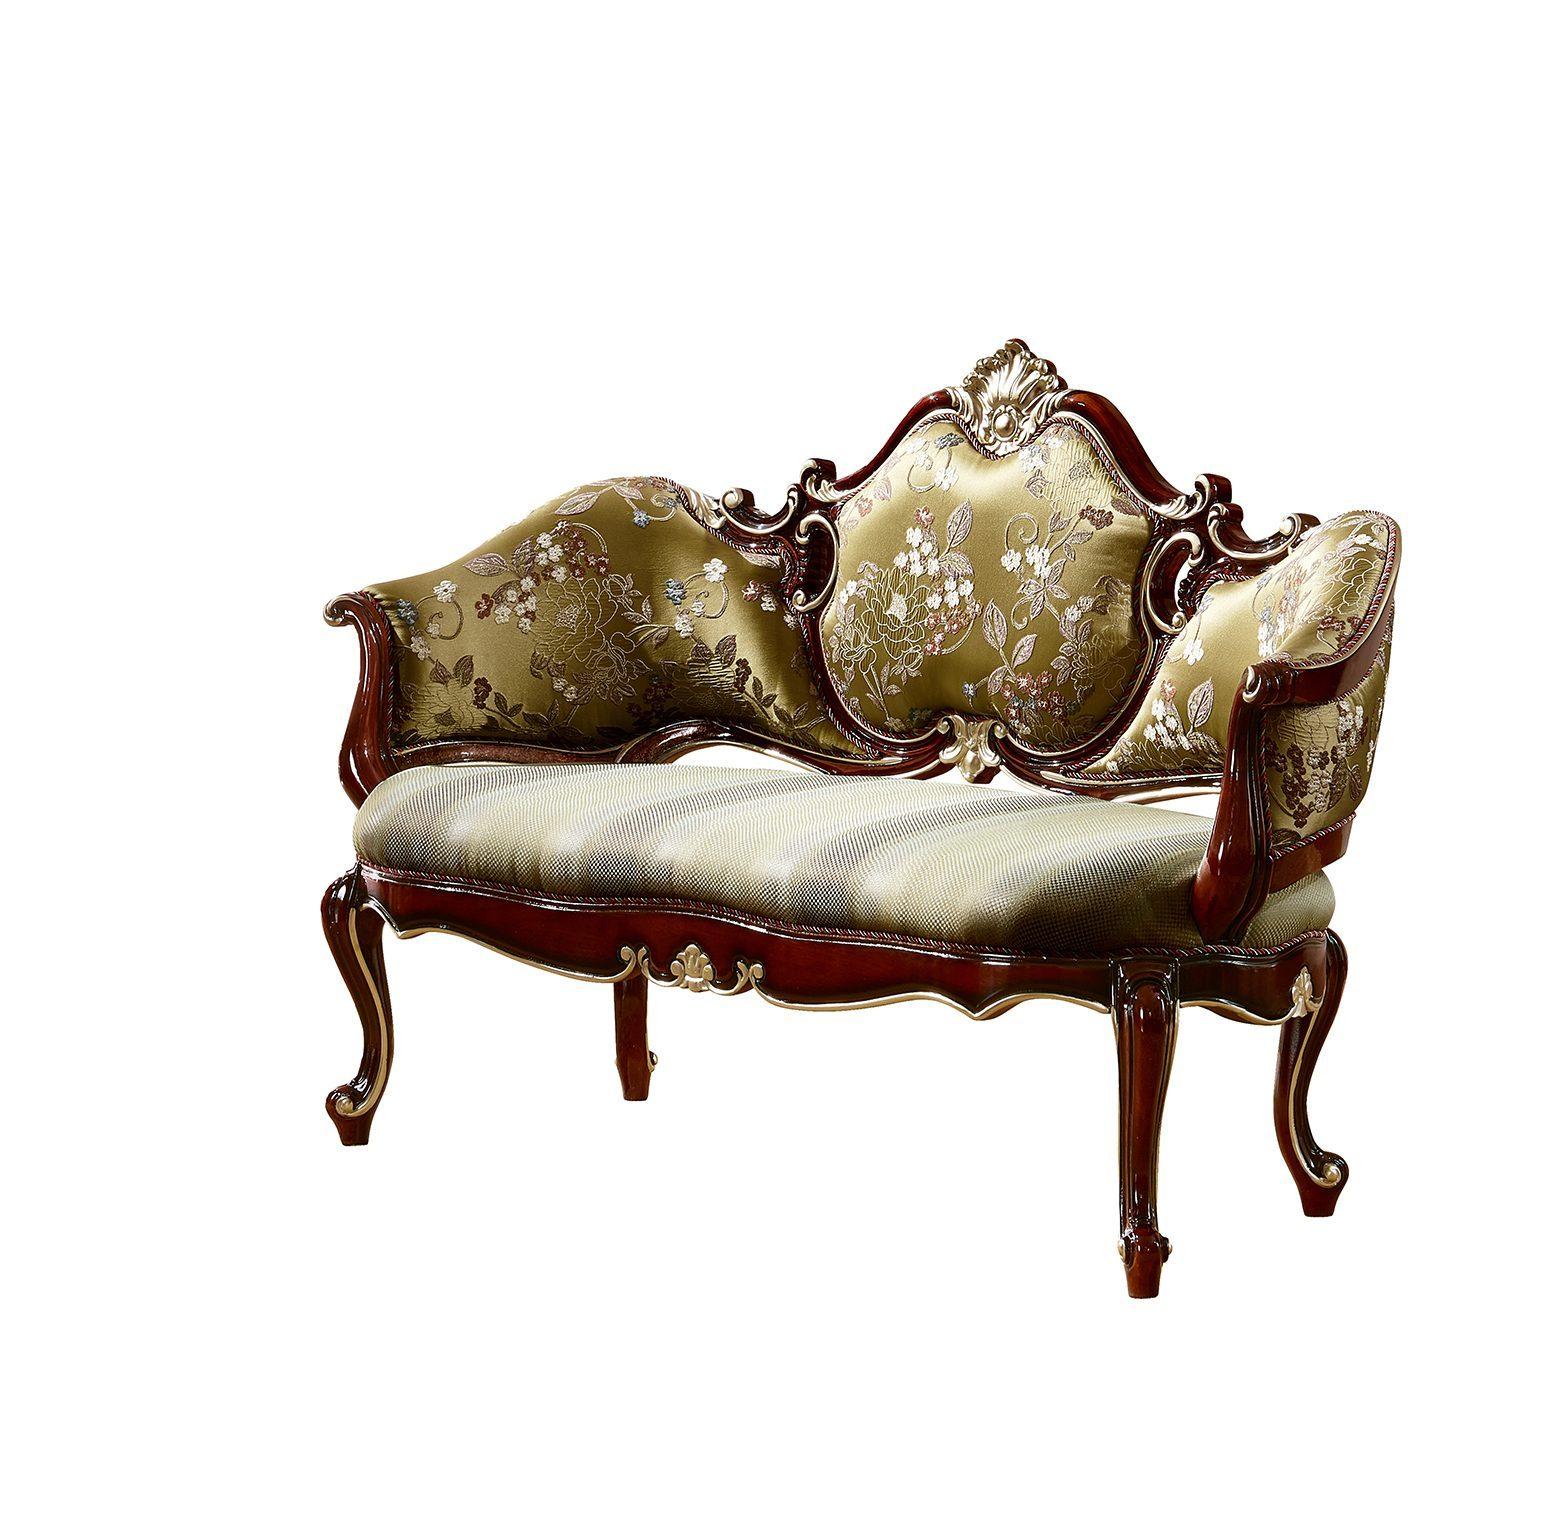 Ghế phòng chờ Tân cổ điển màu rượu vang nho GC8801G phong cách Quý tộc